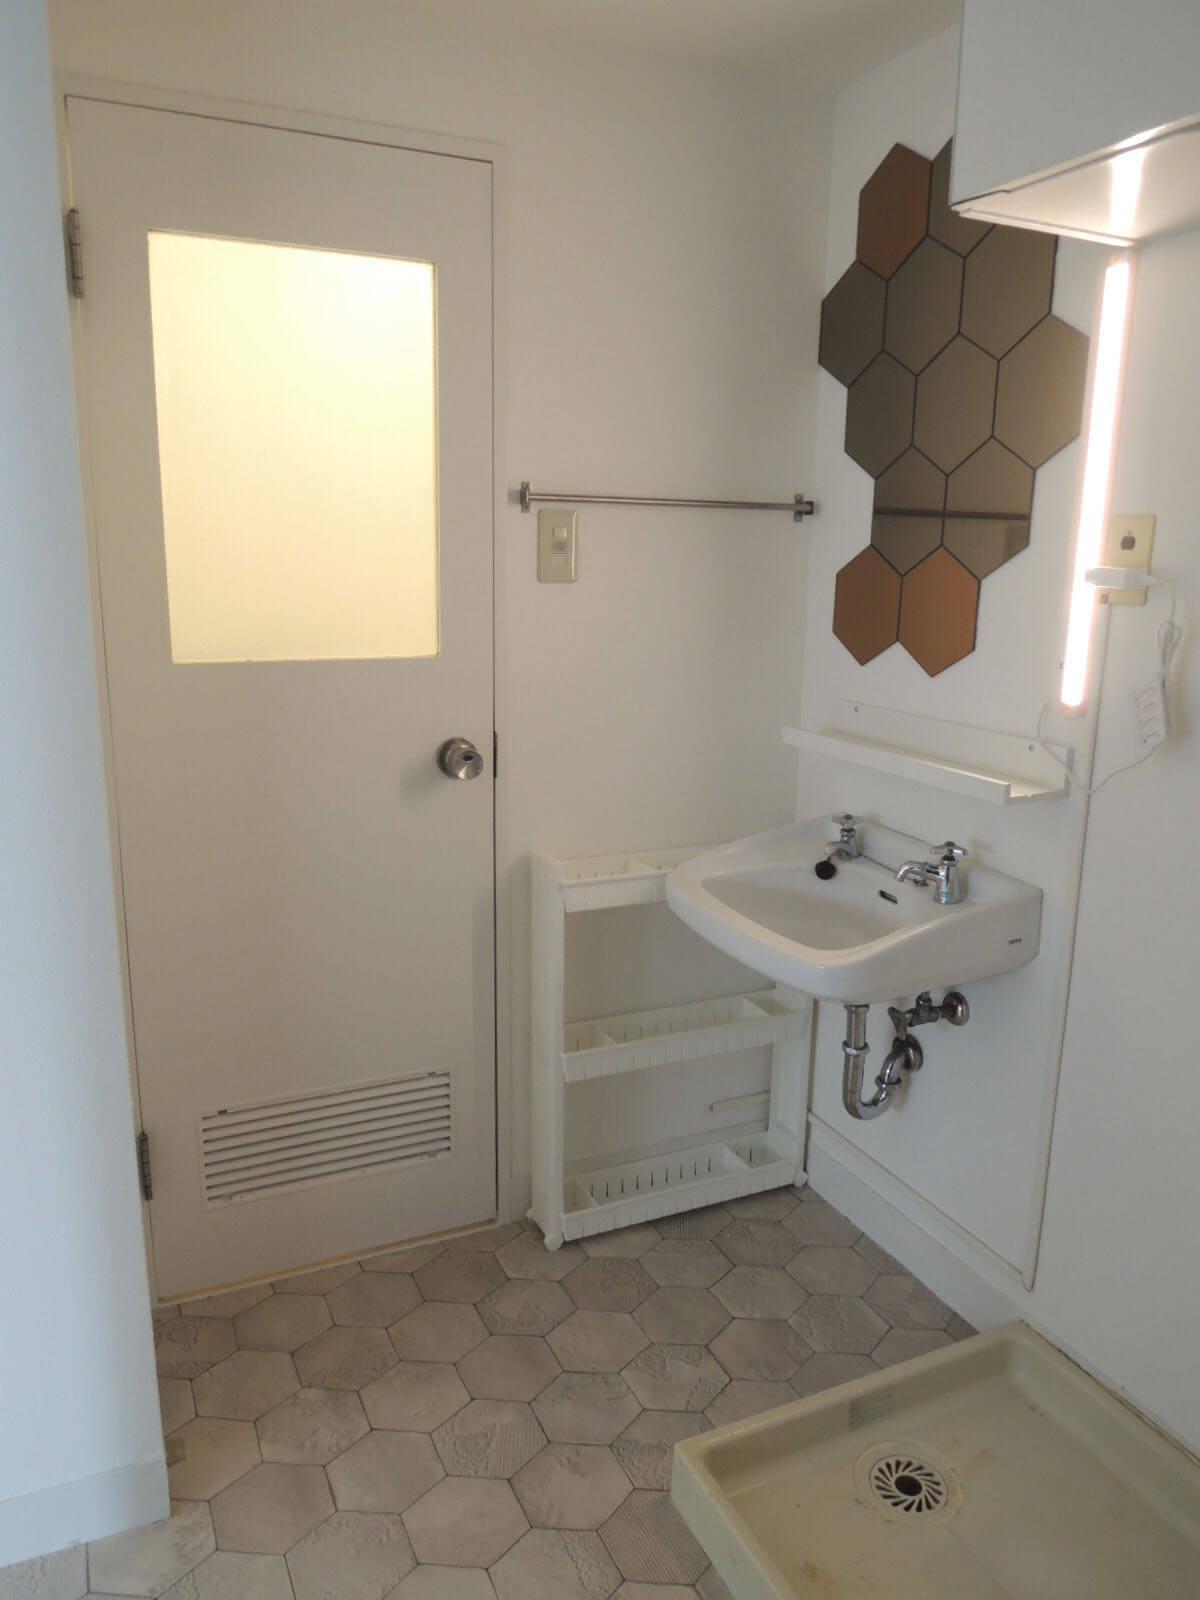 トイレは洗面所を経由してアクセス